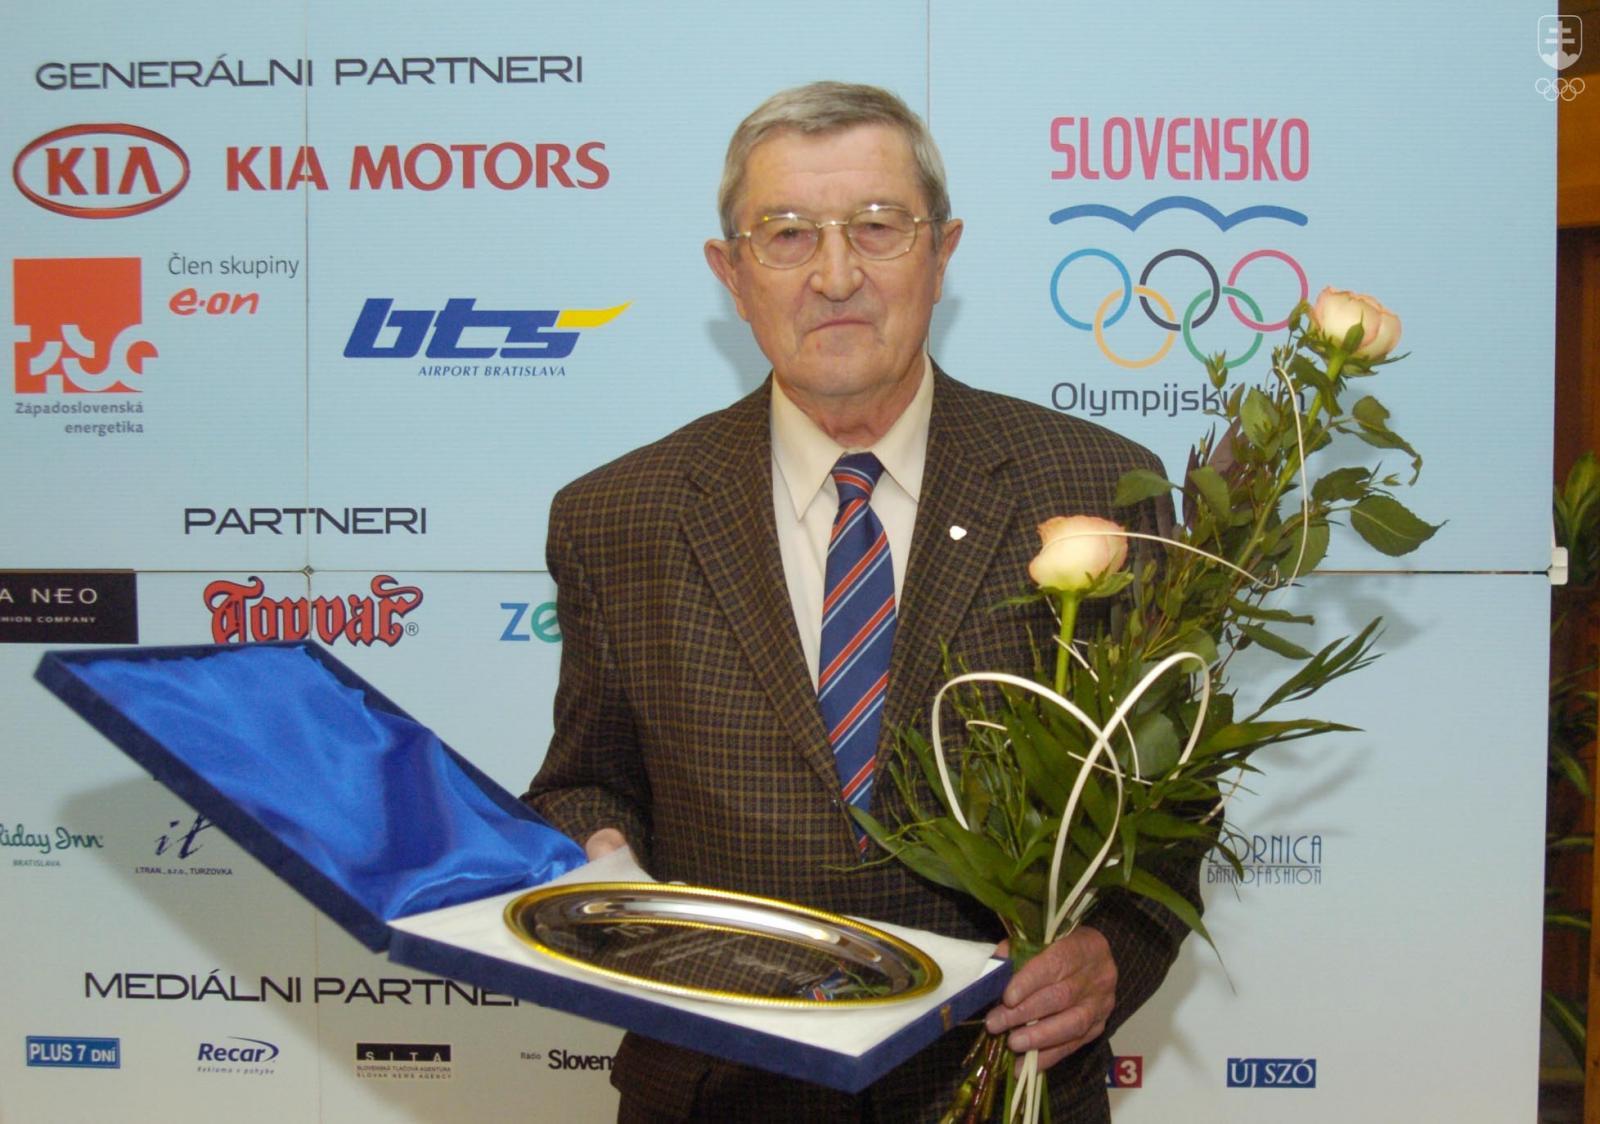 2b0365c7af060 Dvojnásobný strieborný medailista z OH Bohumil Golian išiel aktivitou na  poli šírenia olympijských ideálov príkladom všetkým